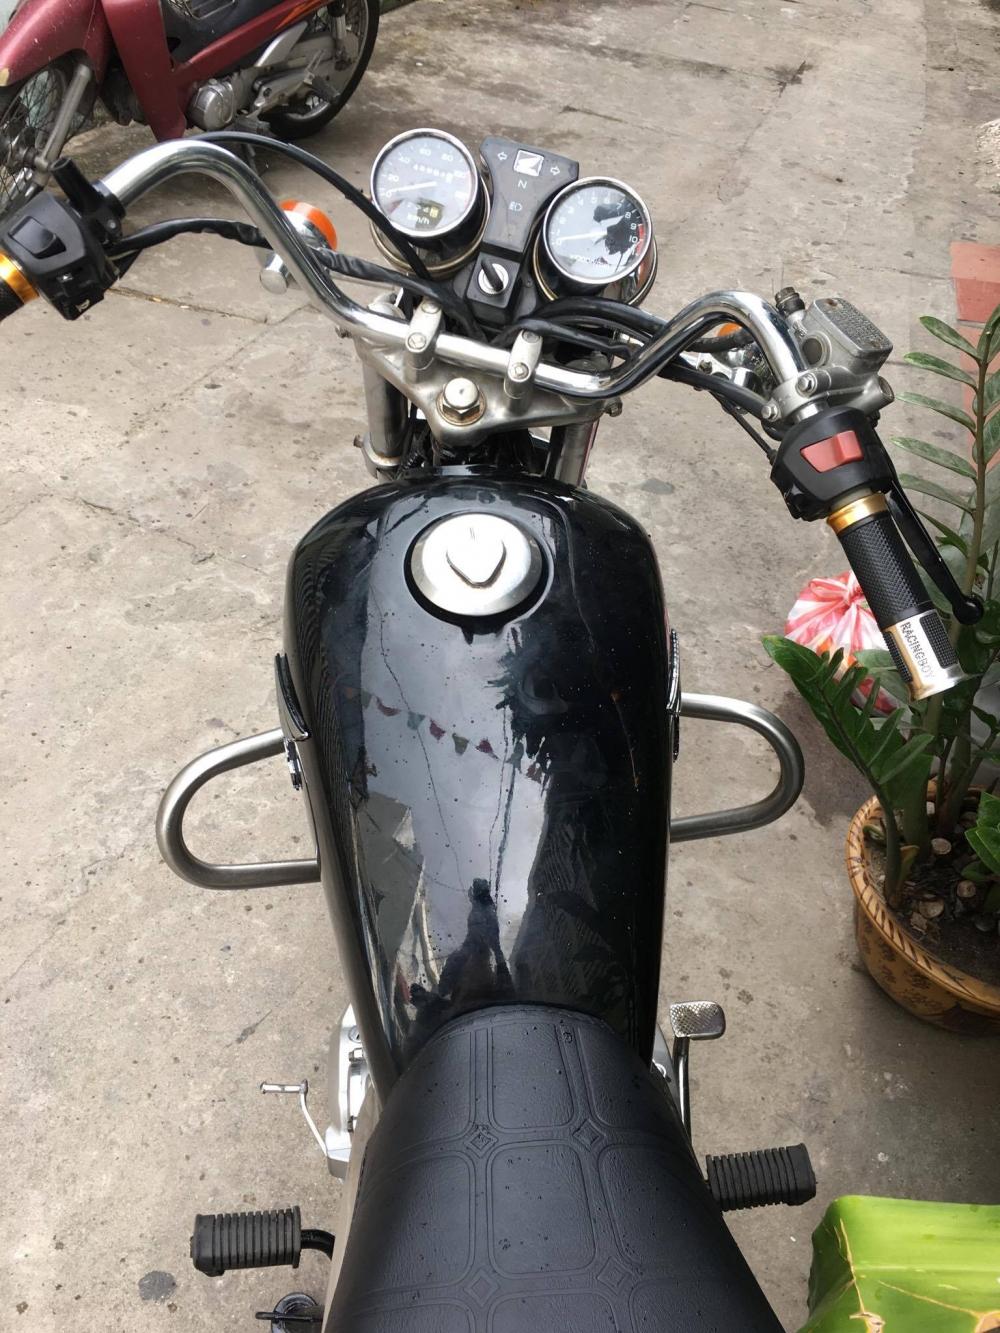 Honda master 125 xe dep may rin - 4